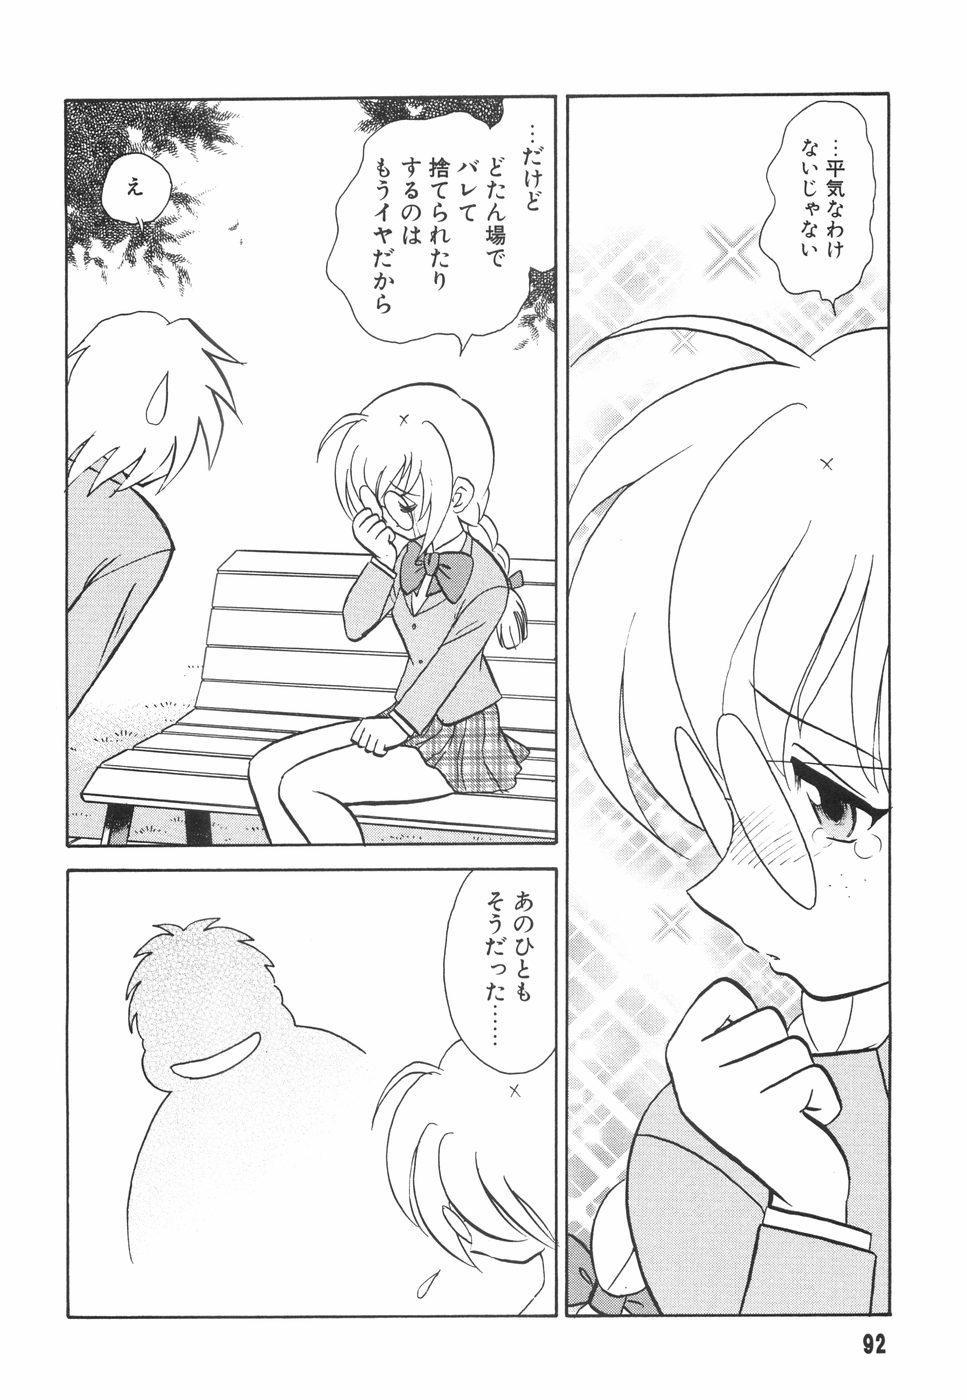 Hazukashime no Jikan 92